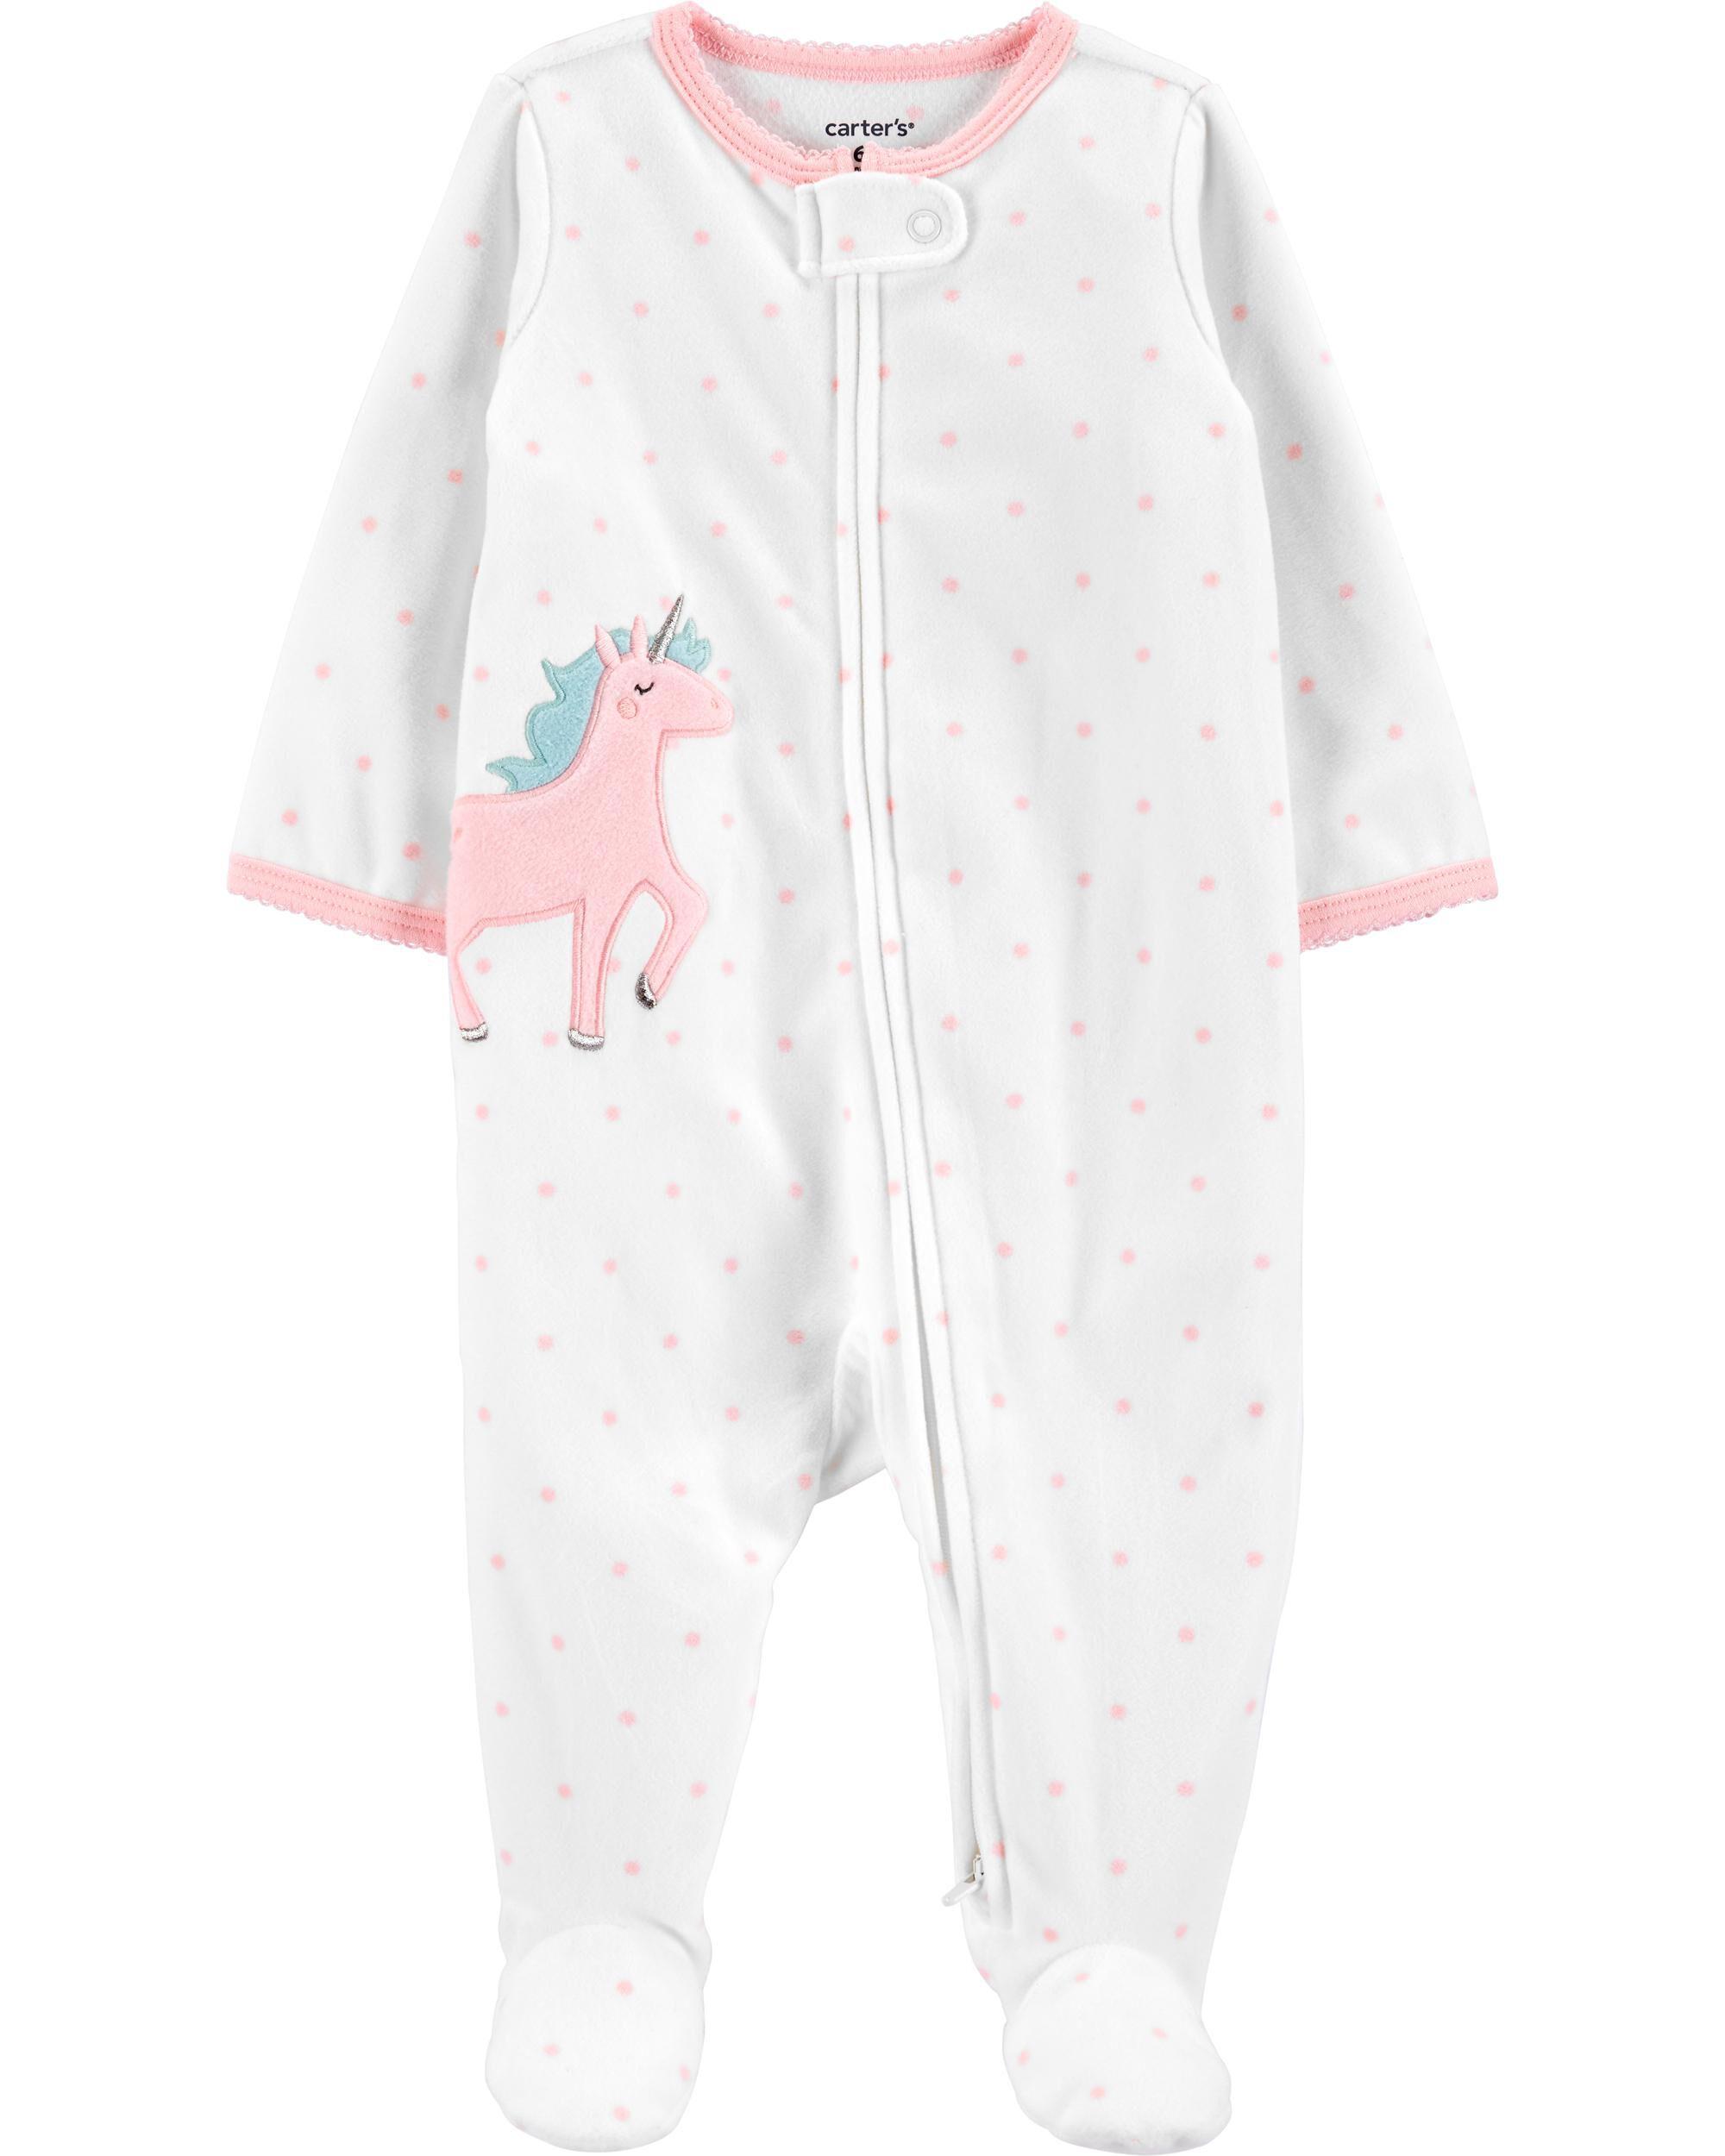 Carters Unicorn Zip-Up Fleece Sleep & Play